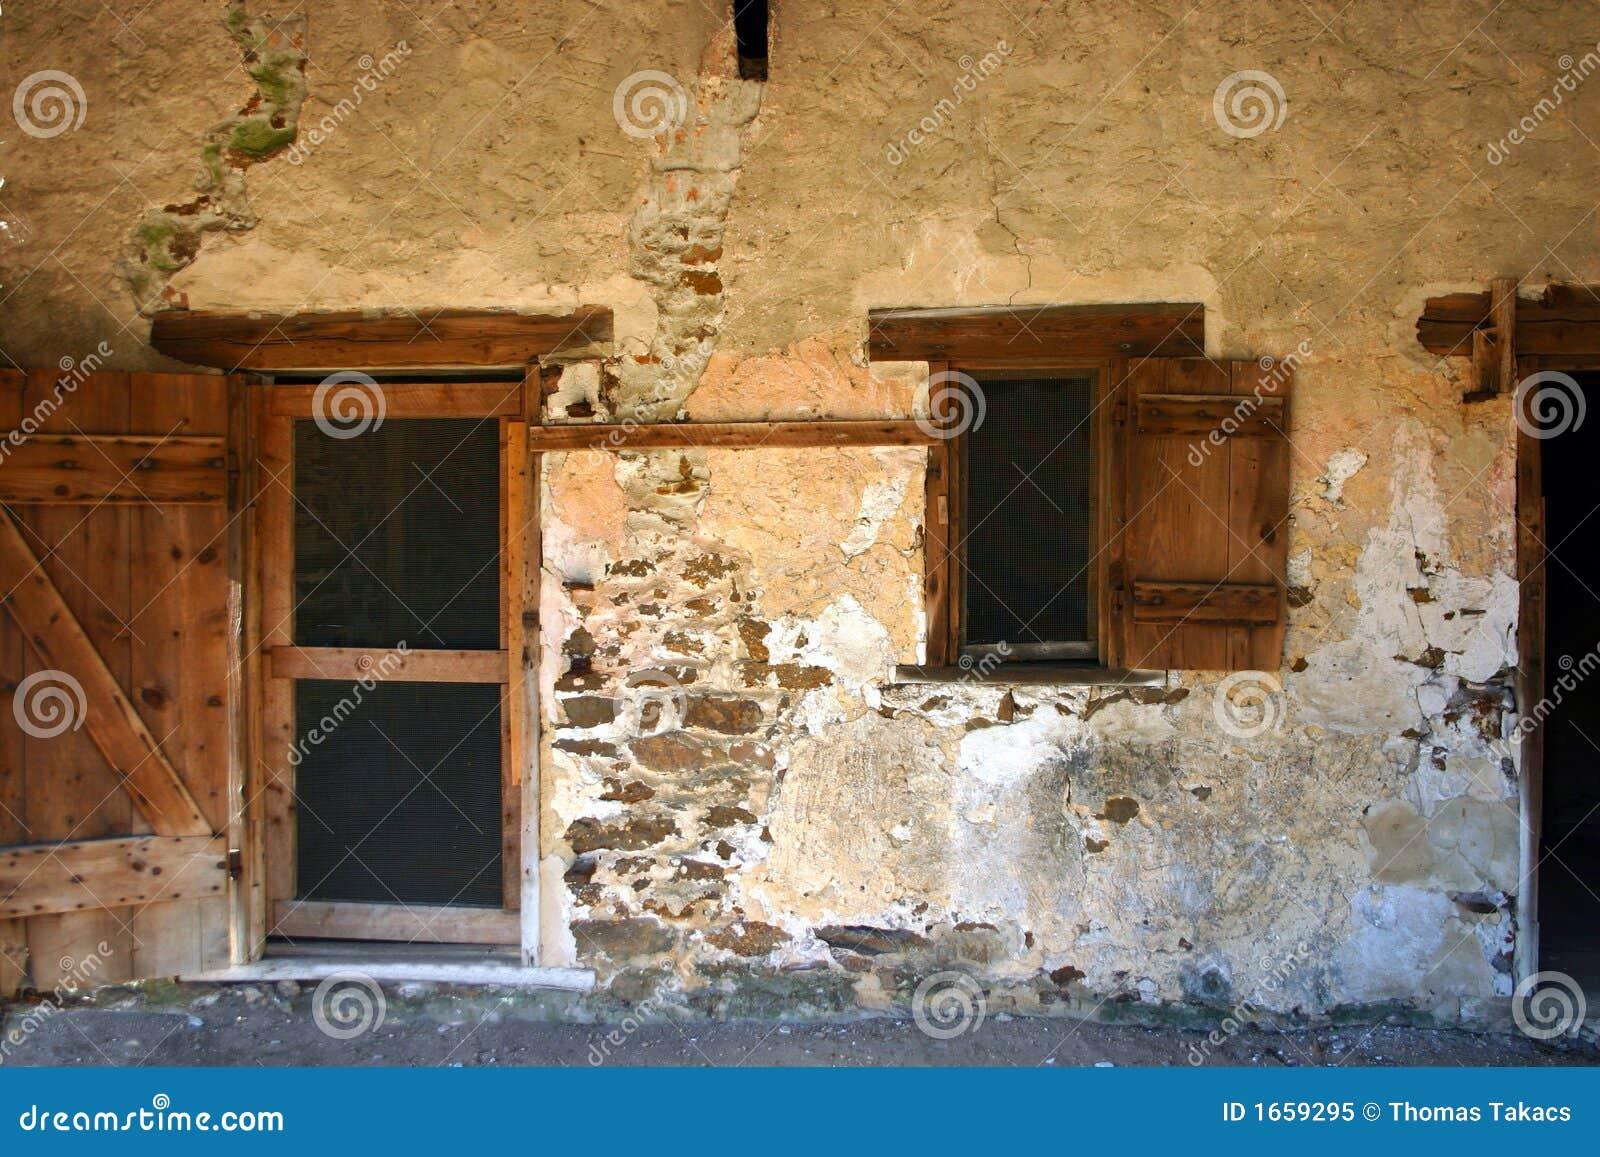 alte landhaus wand stockbild bild von architektur fenster 1659295. Black Bedroom Furniture Sets. Home Design Ideas